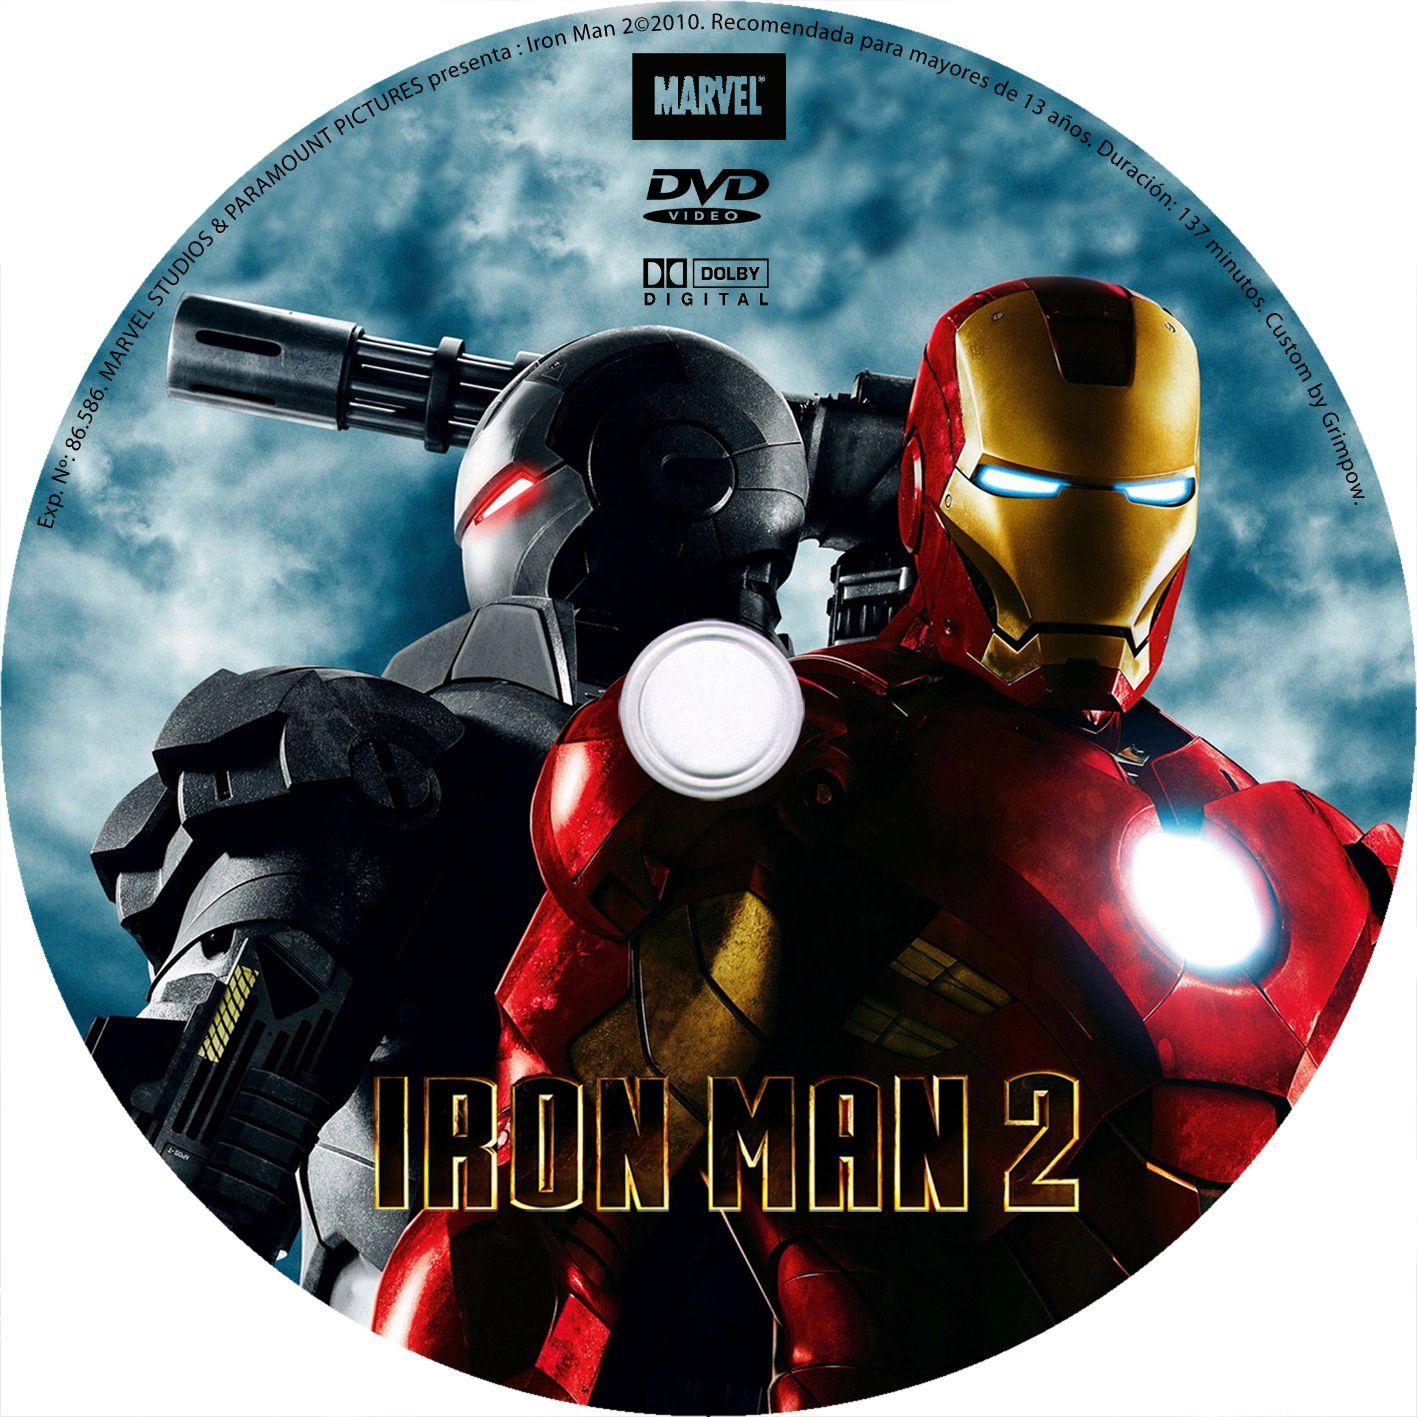 Iron Man 2: VIDEO CLUB VIRTUAL: PELICULAS CON DVD ESTAMPADO, CAJA Y